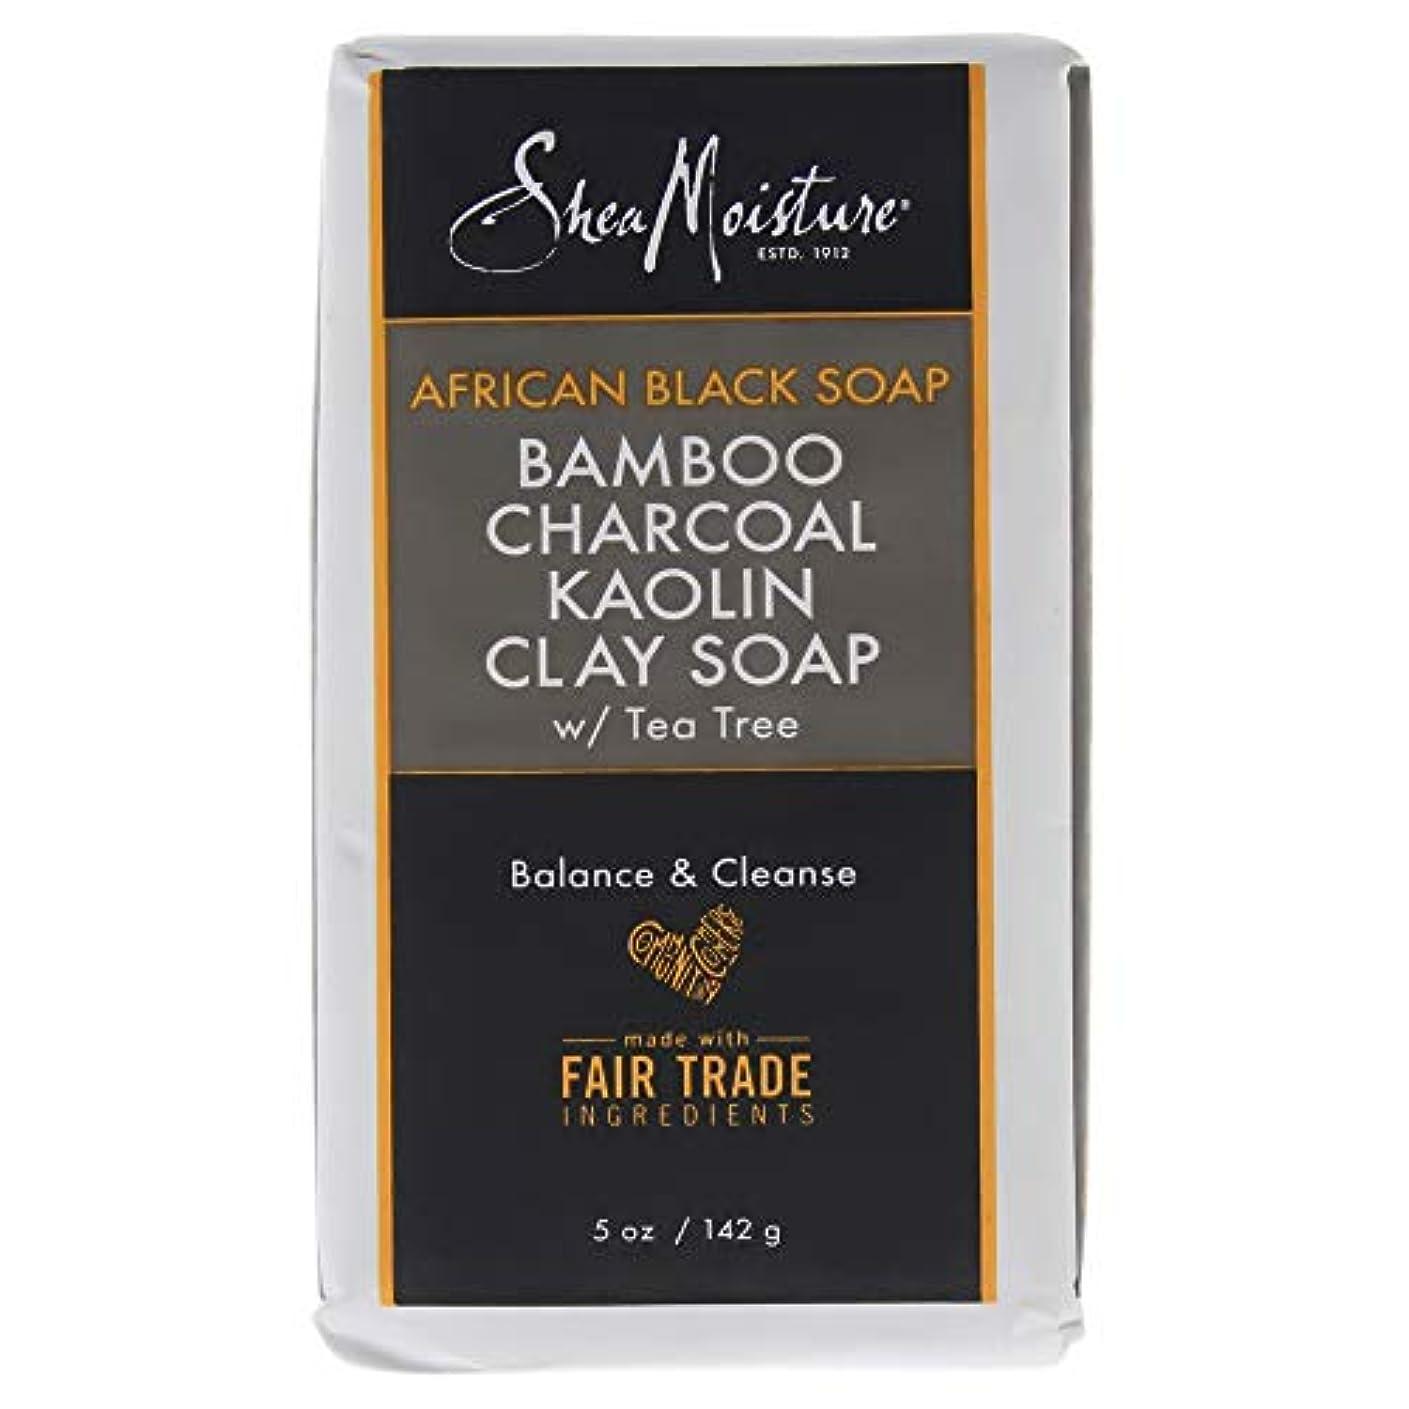 ジョージスティーブンソンクリック引数African Black Soap Bamboo Charcoal Kaolin Clay Soap